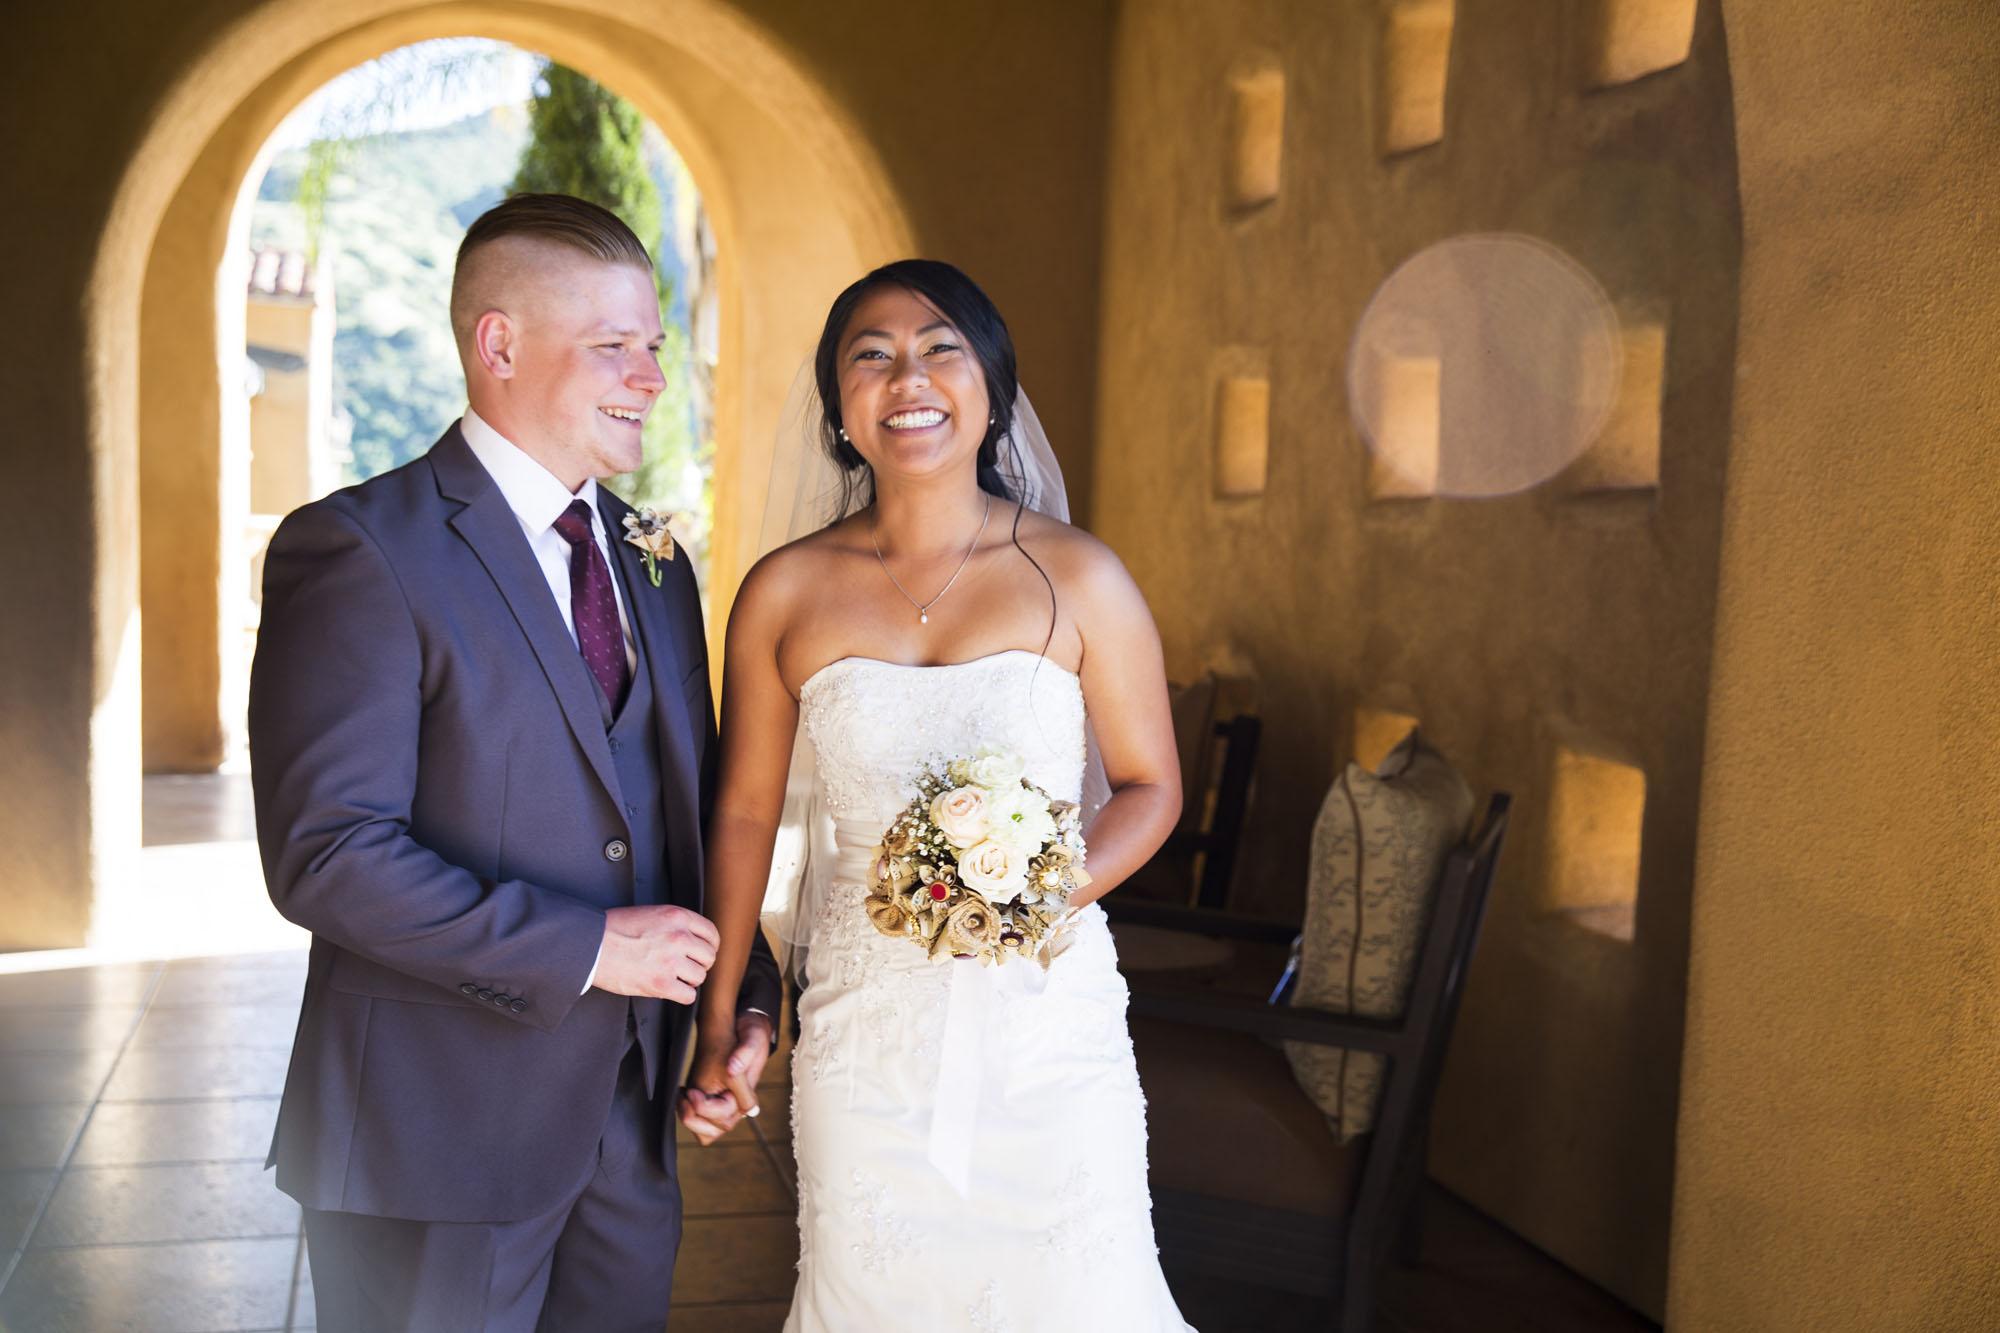 Joy of a wedding day